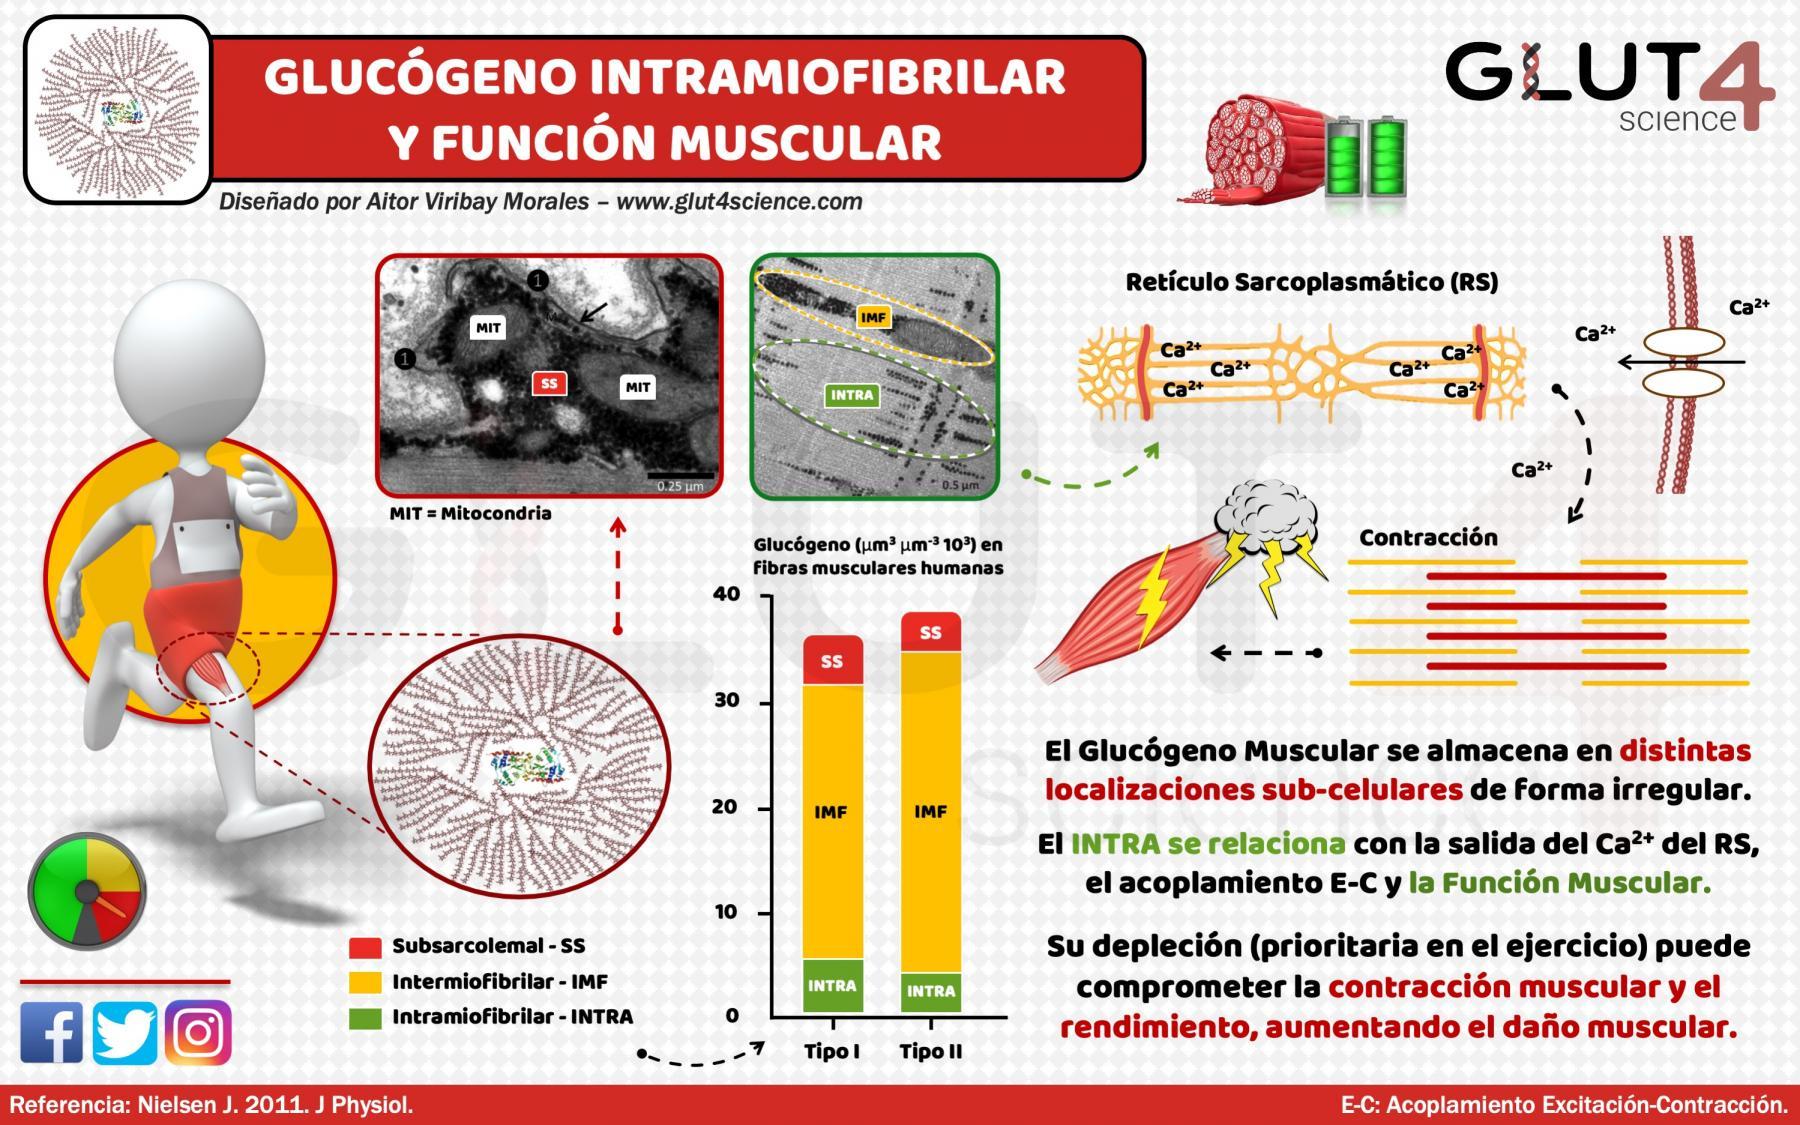 Glucógeno Intramiofibrilar y Contracción Muscular